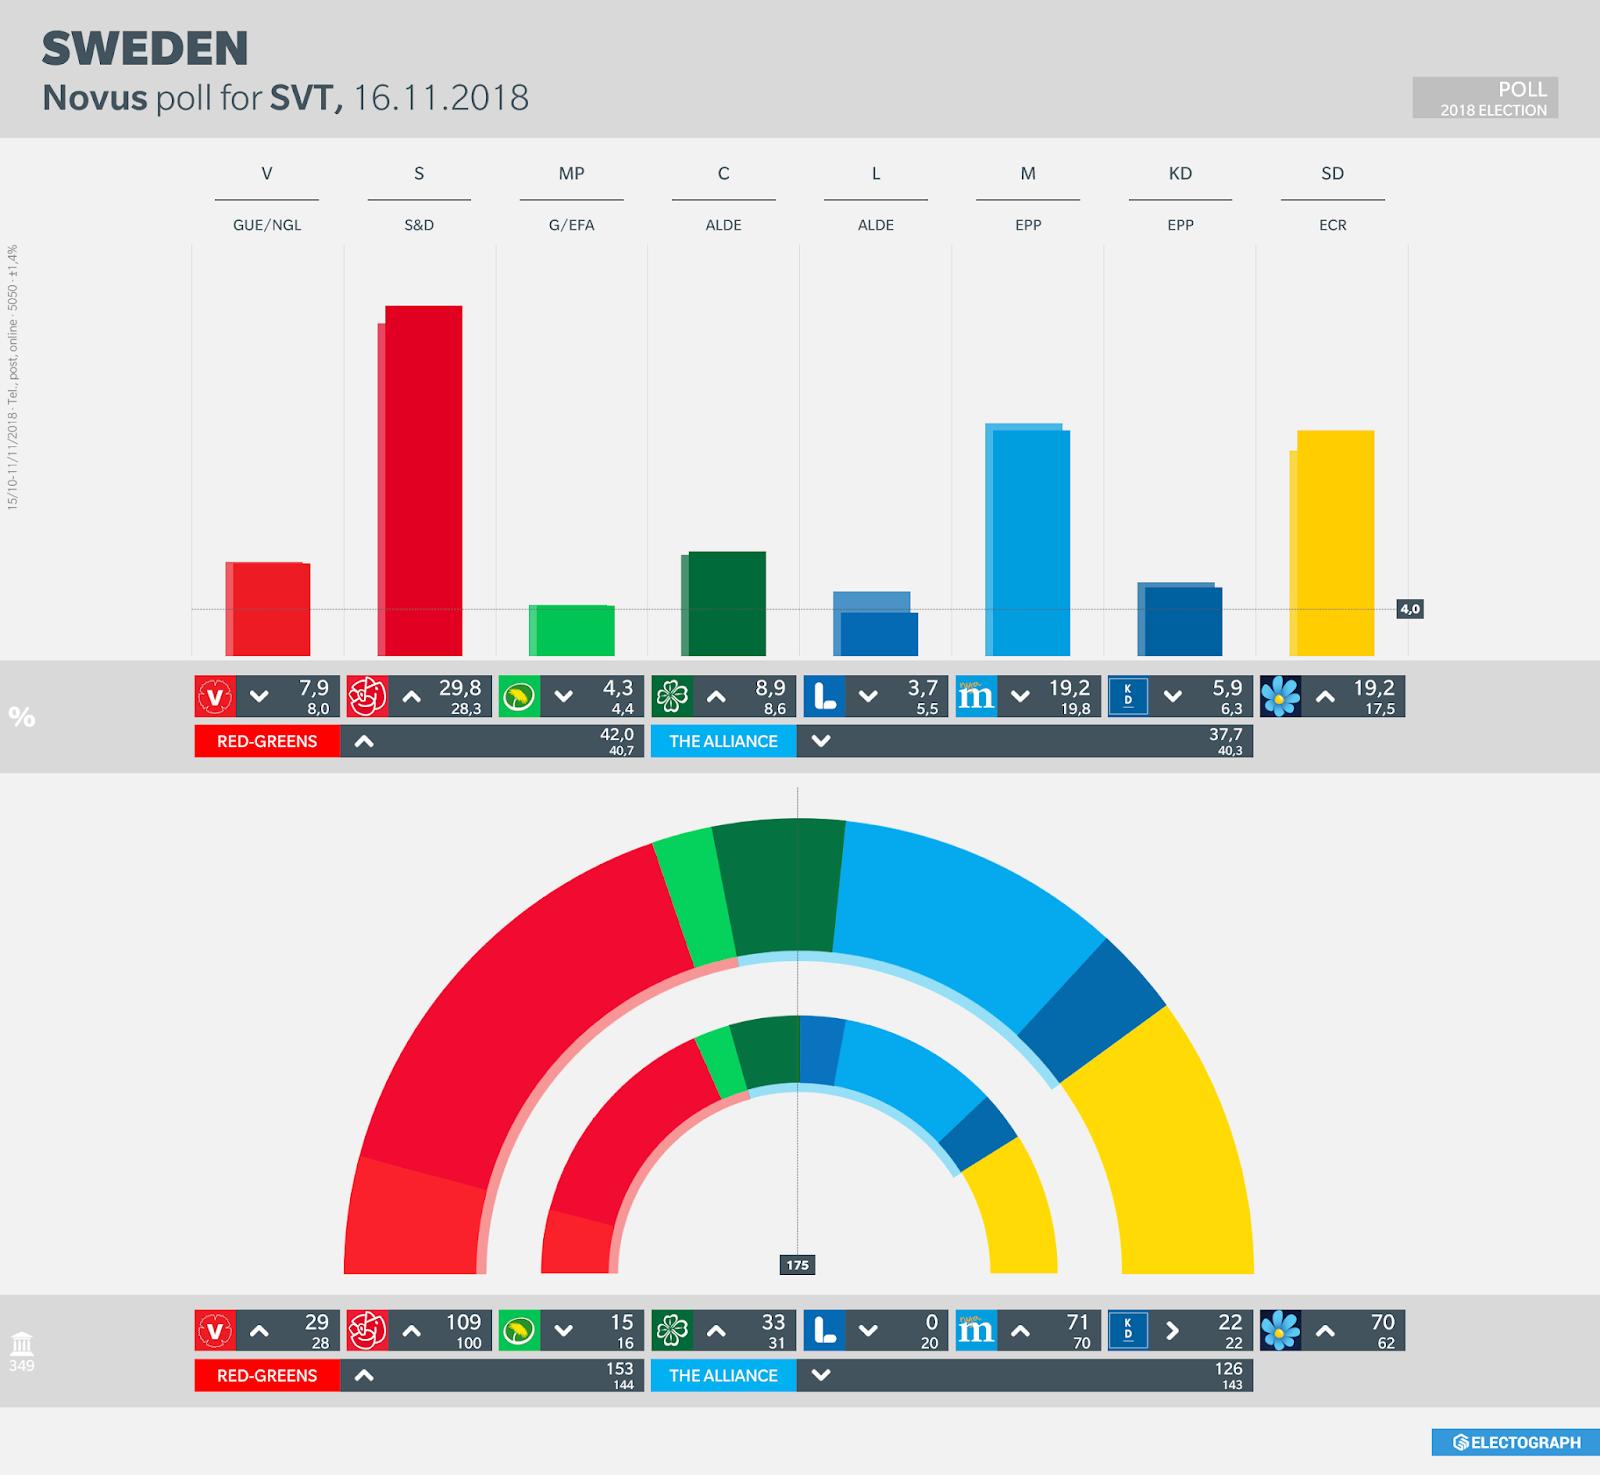 SWEDEN: Novus poll chart for SVT, November 2018